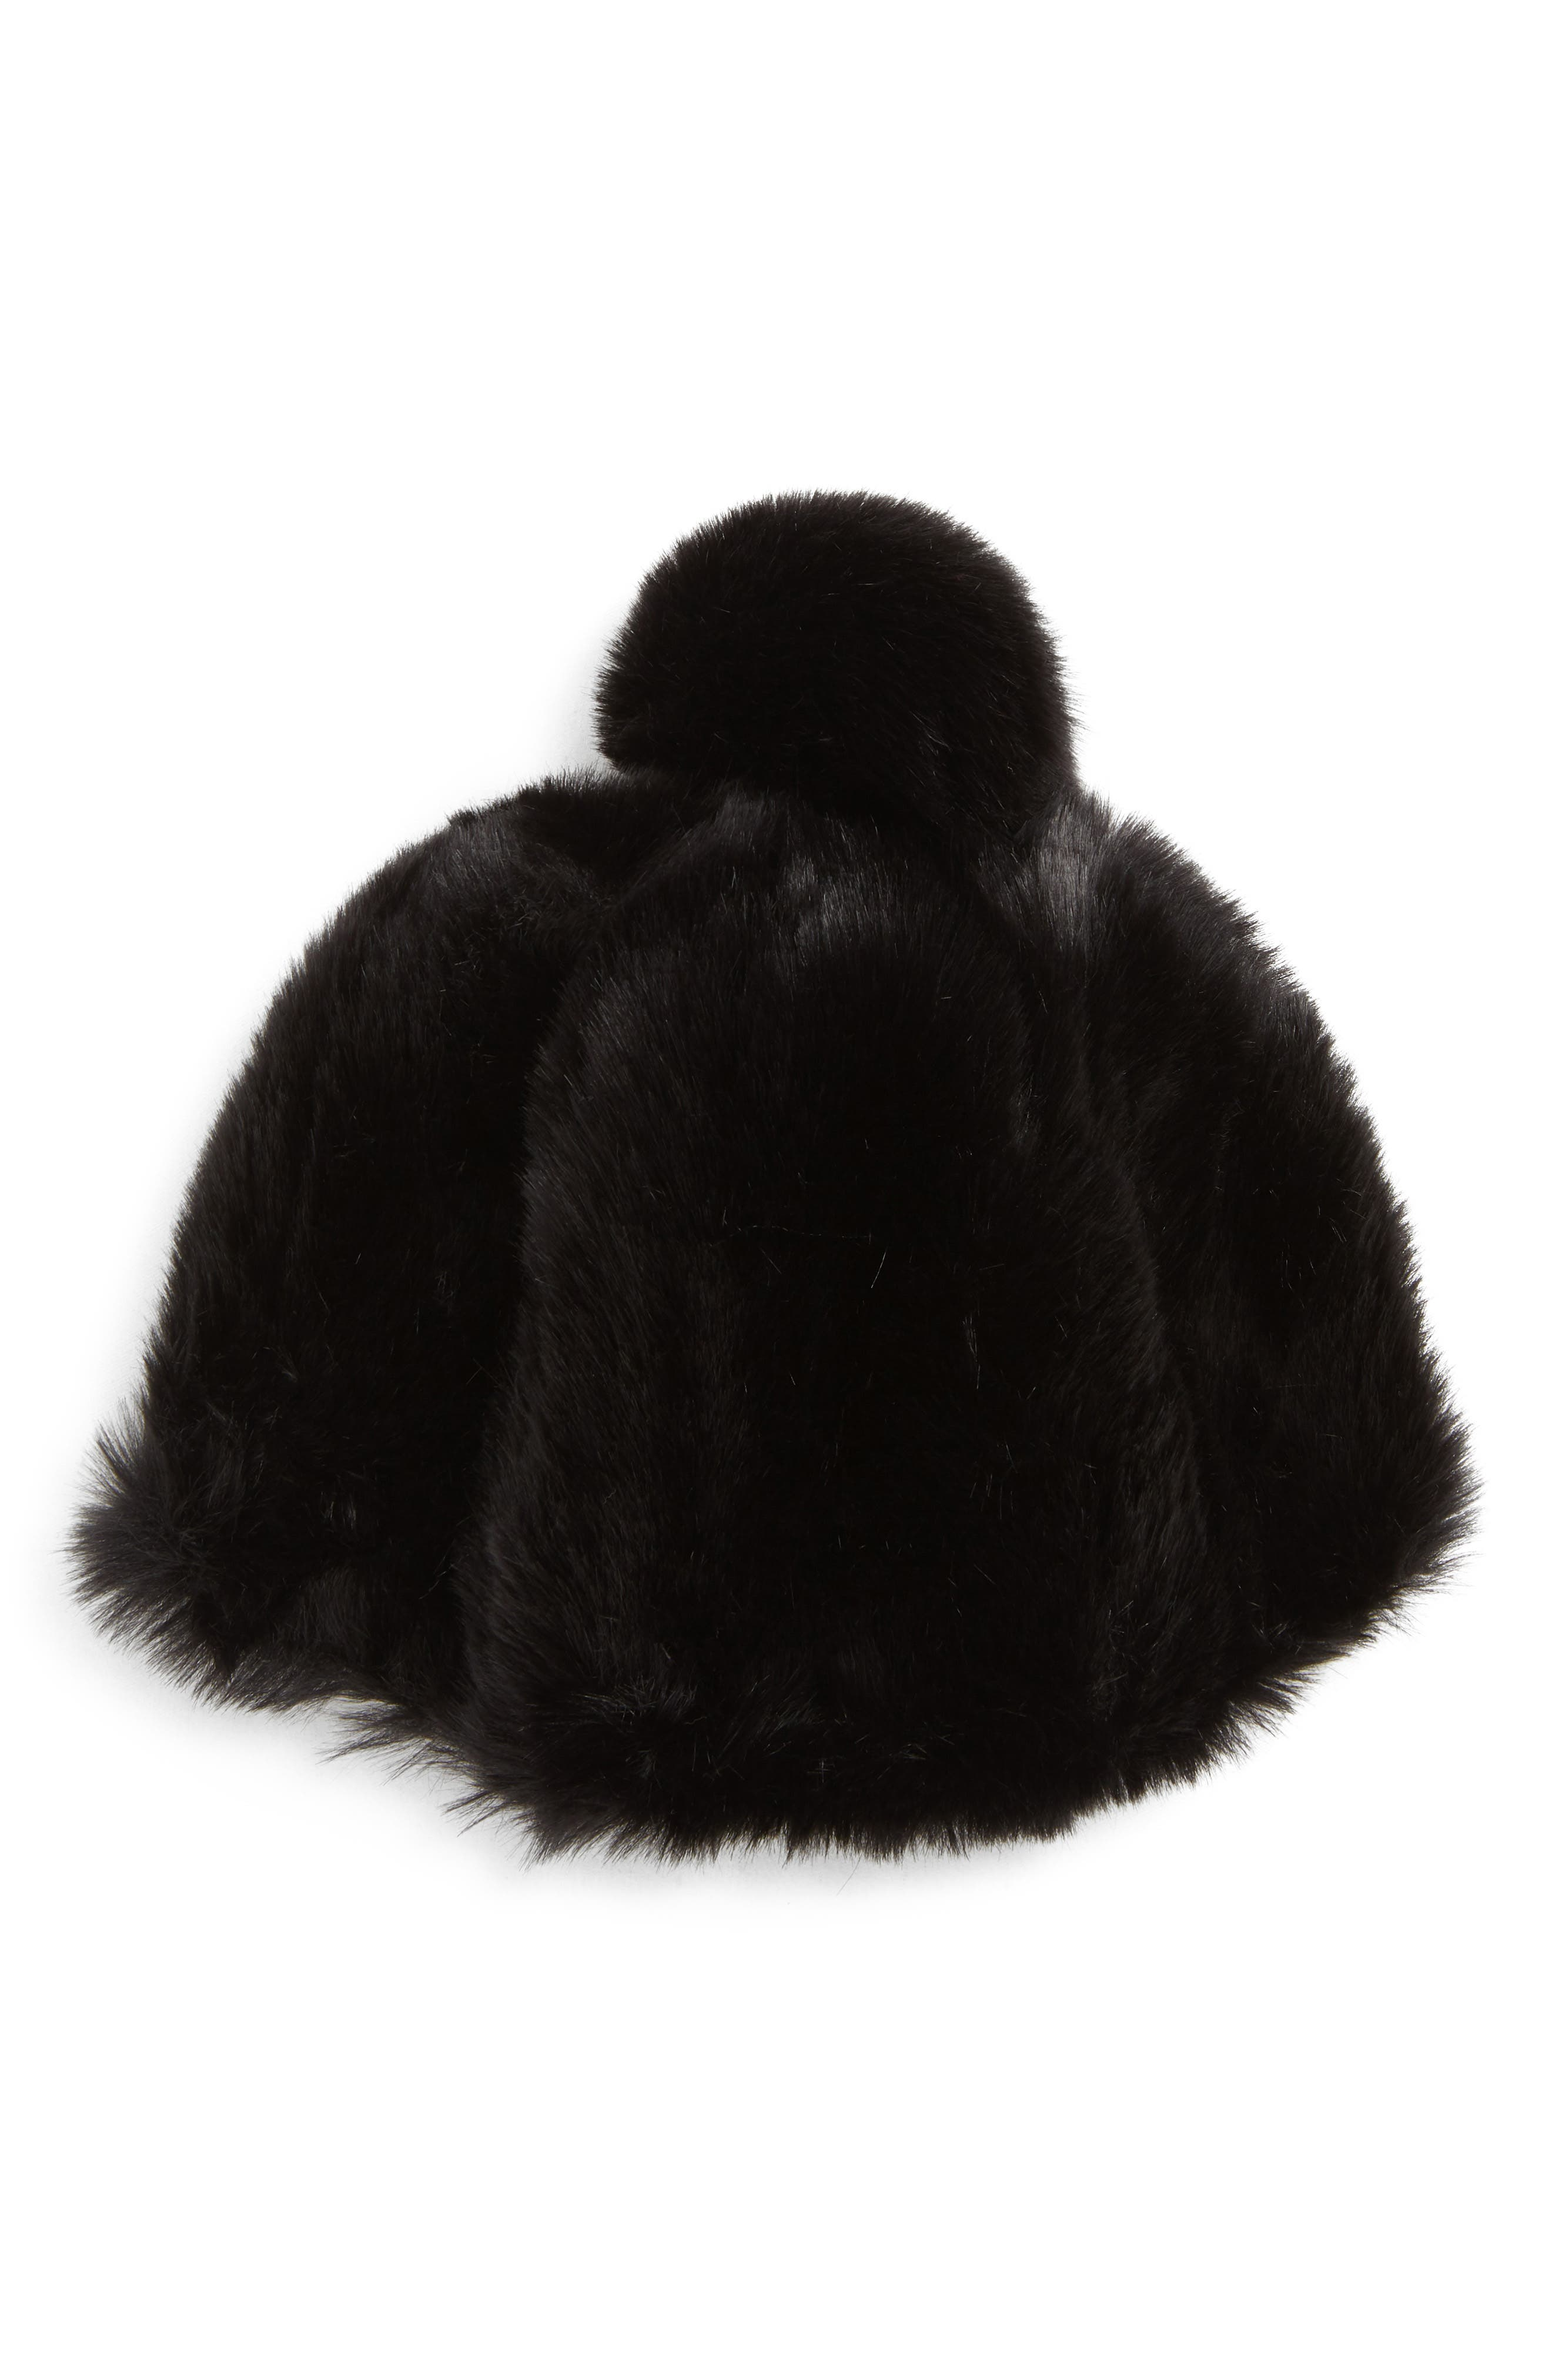 Faux Fur Oversized Pom Hat,                             Main thumbnail 1, color,                             001